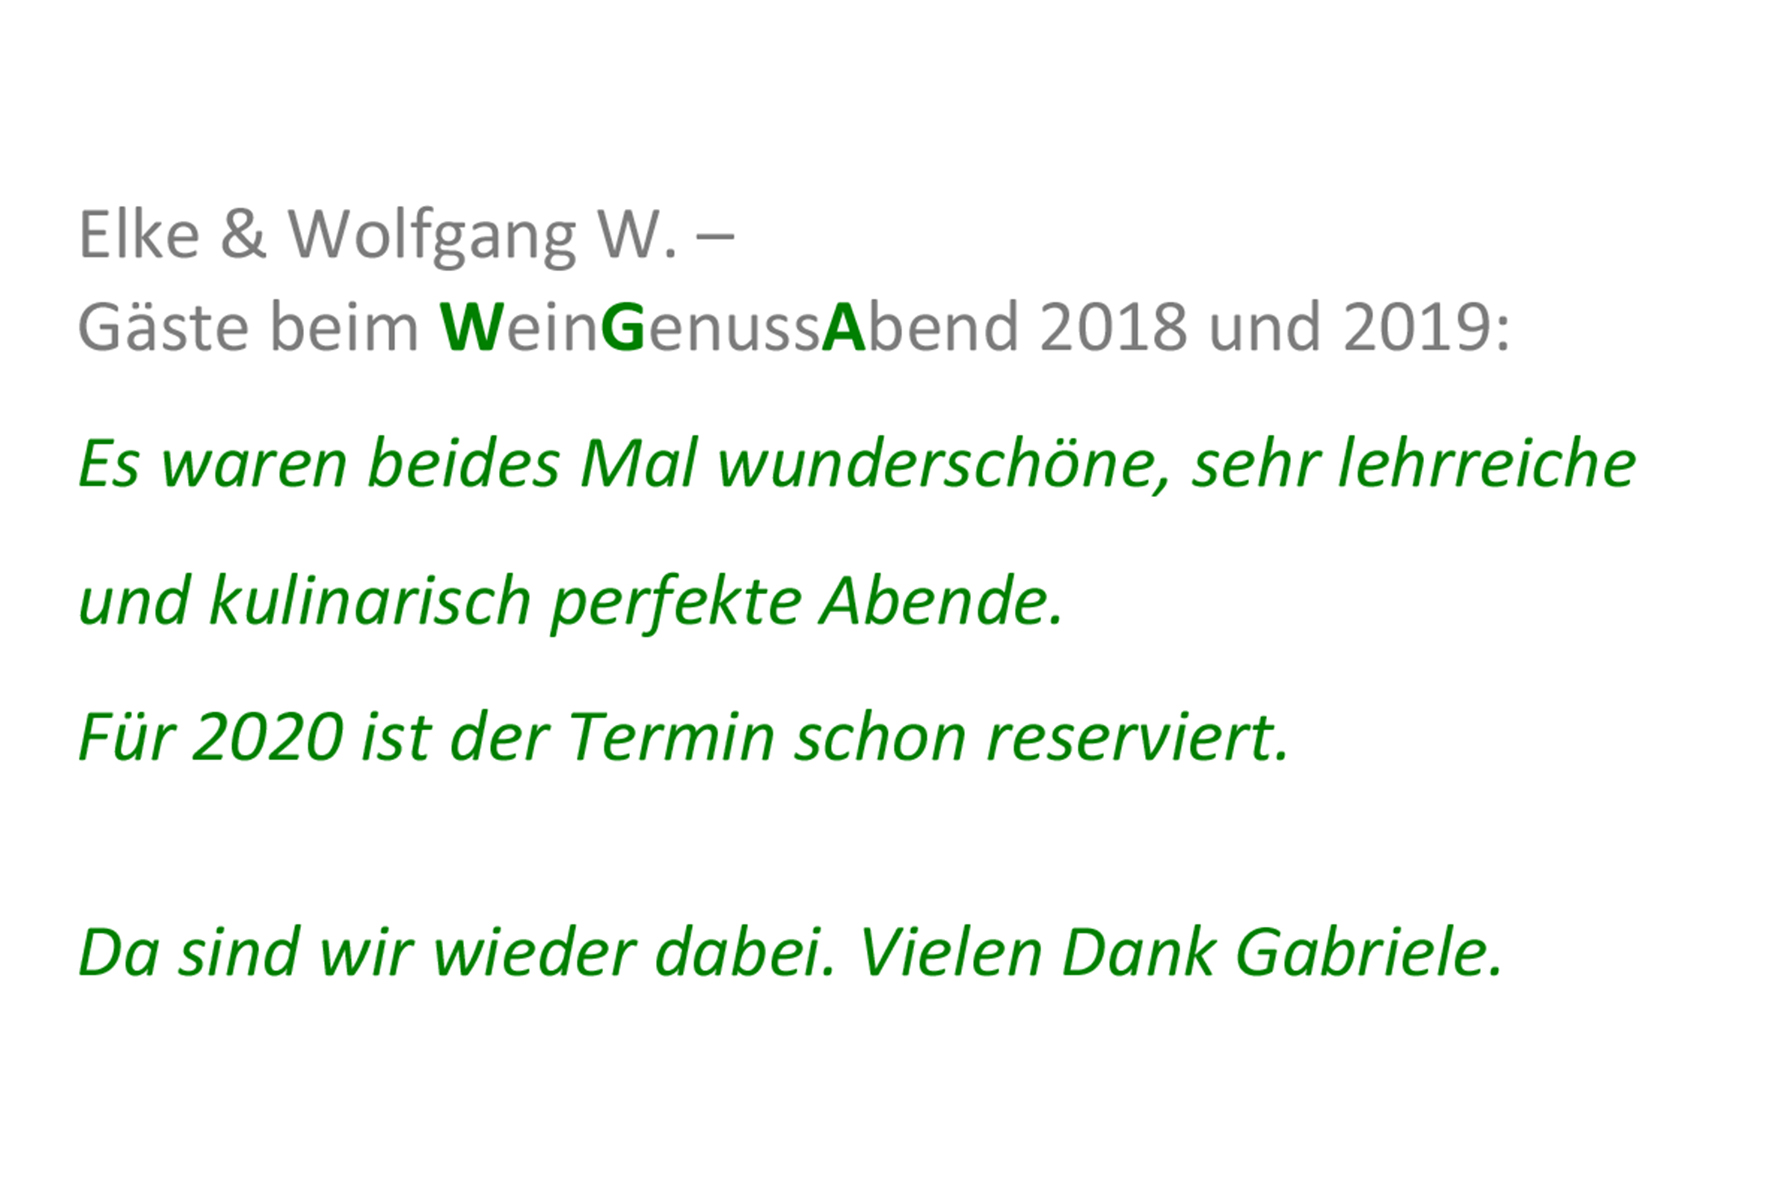 Stimmen_Elke und Wolfgang W.